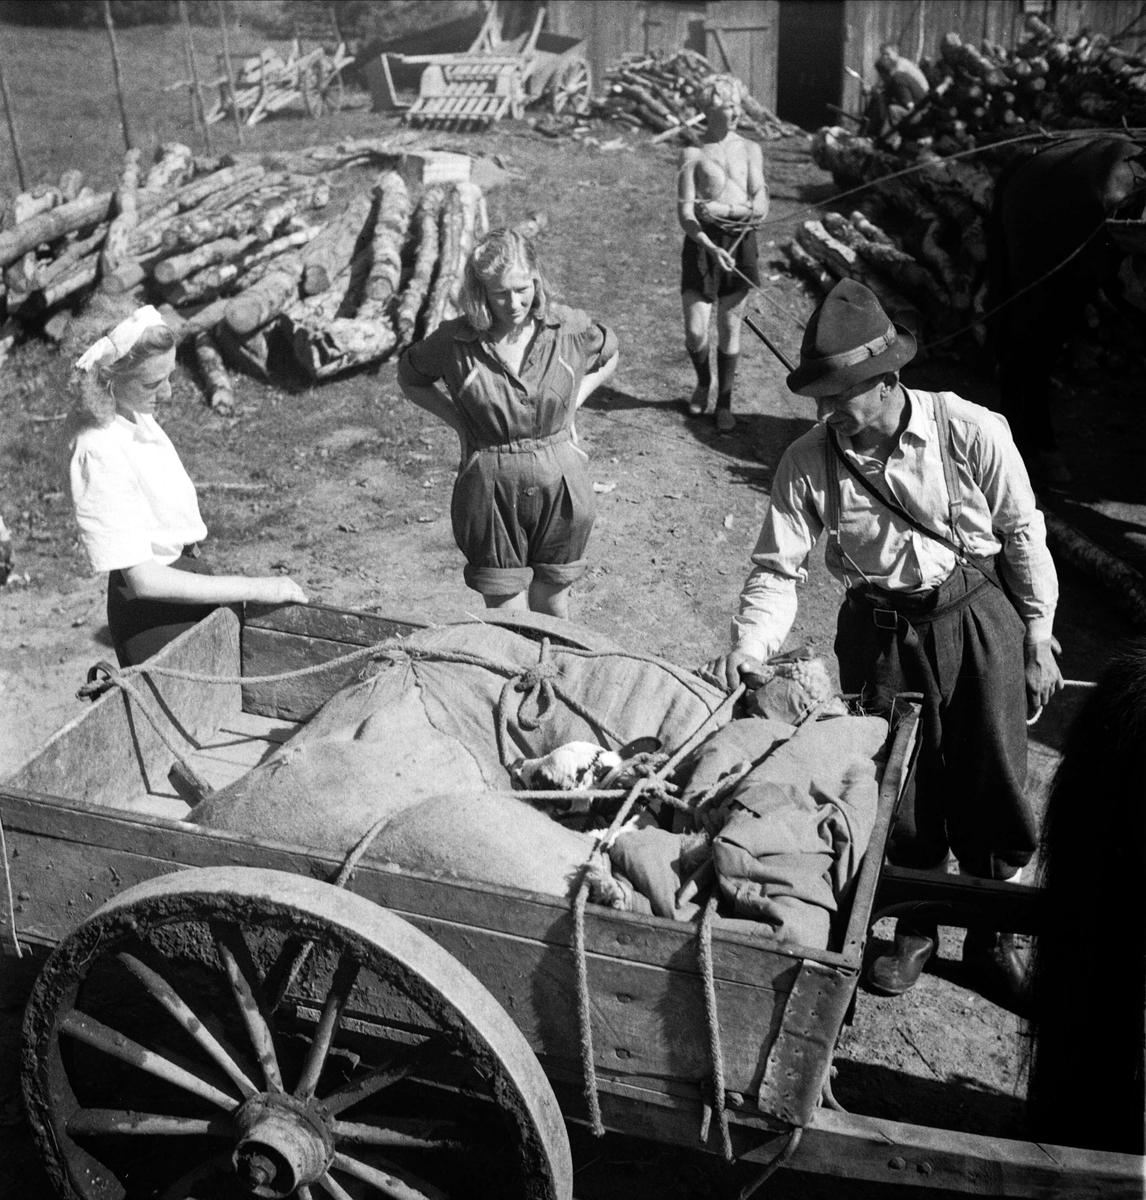 Kvinnor och man vid kärra, Norge 1947